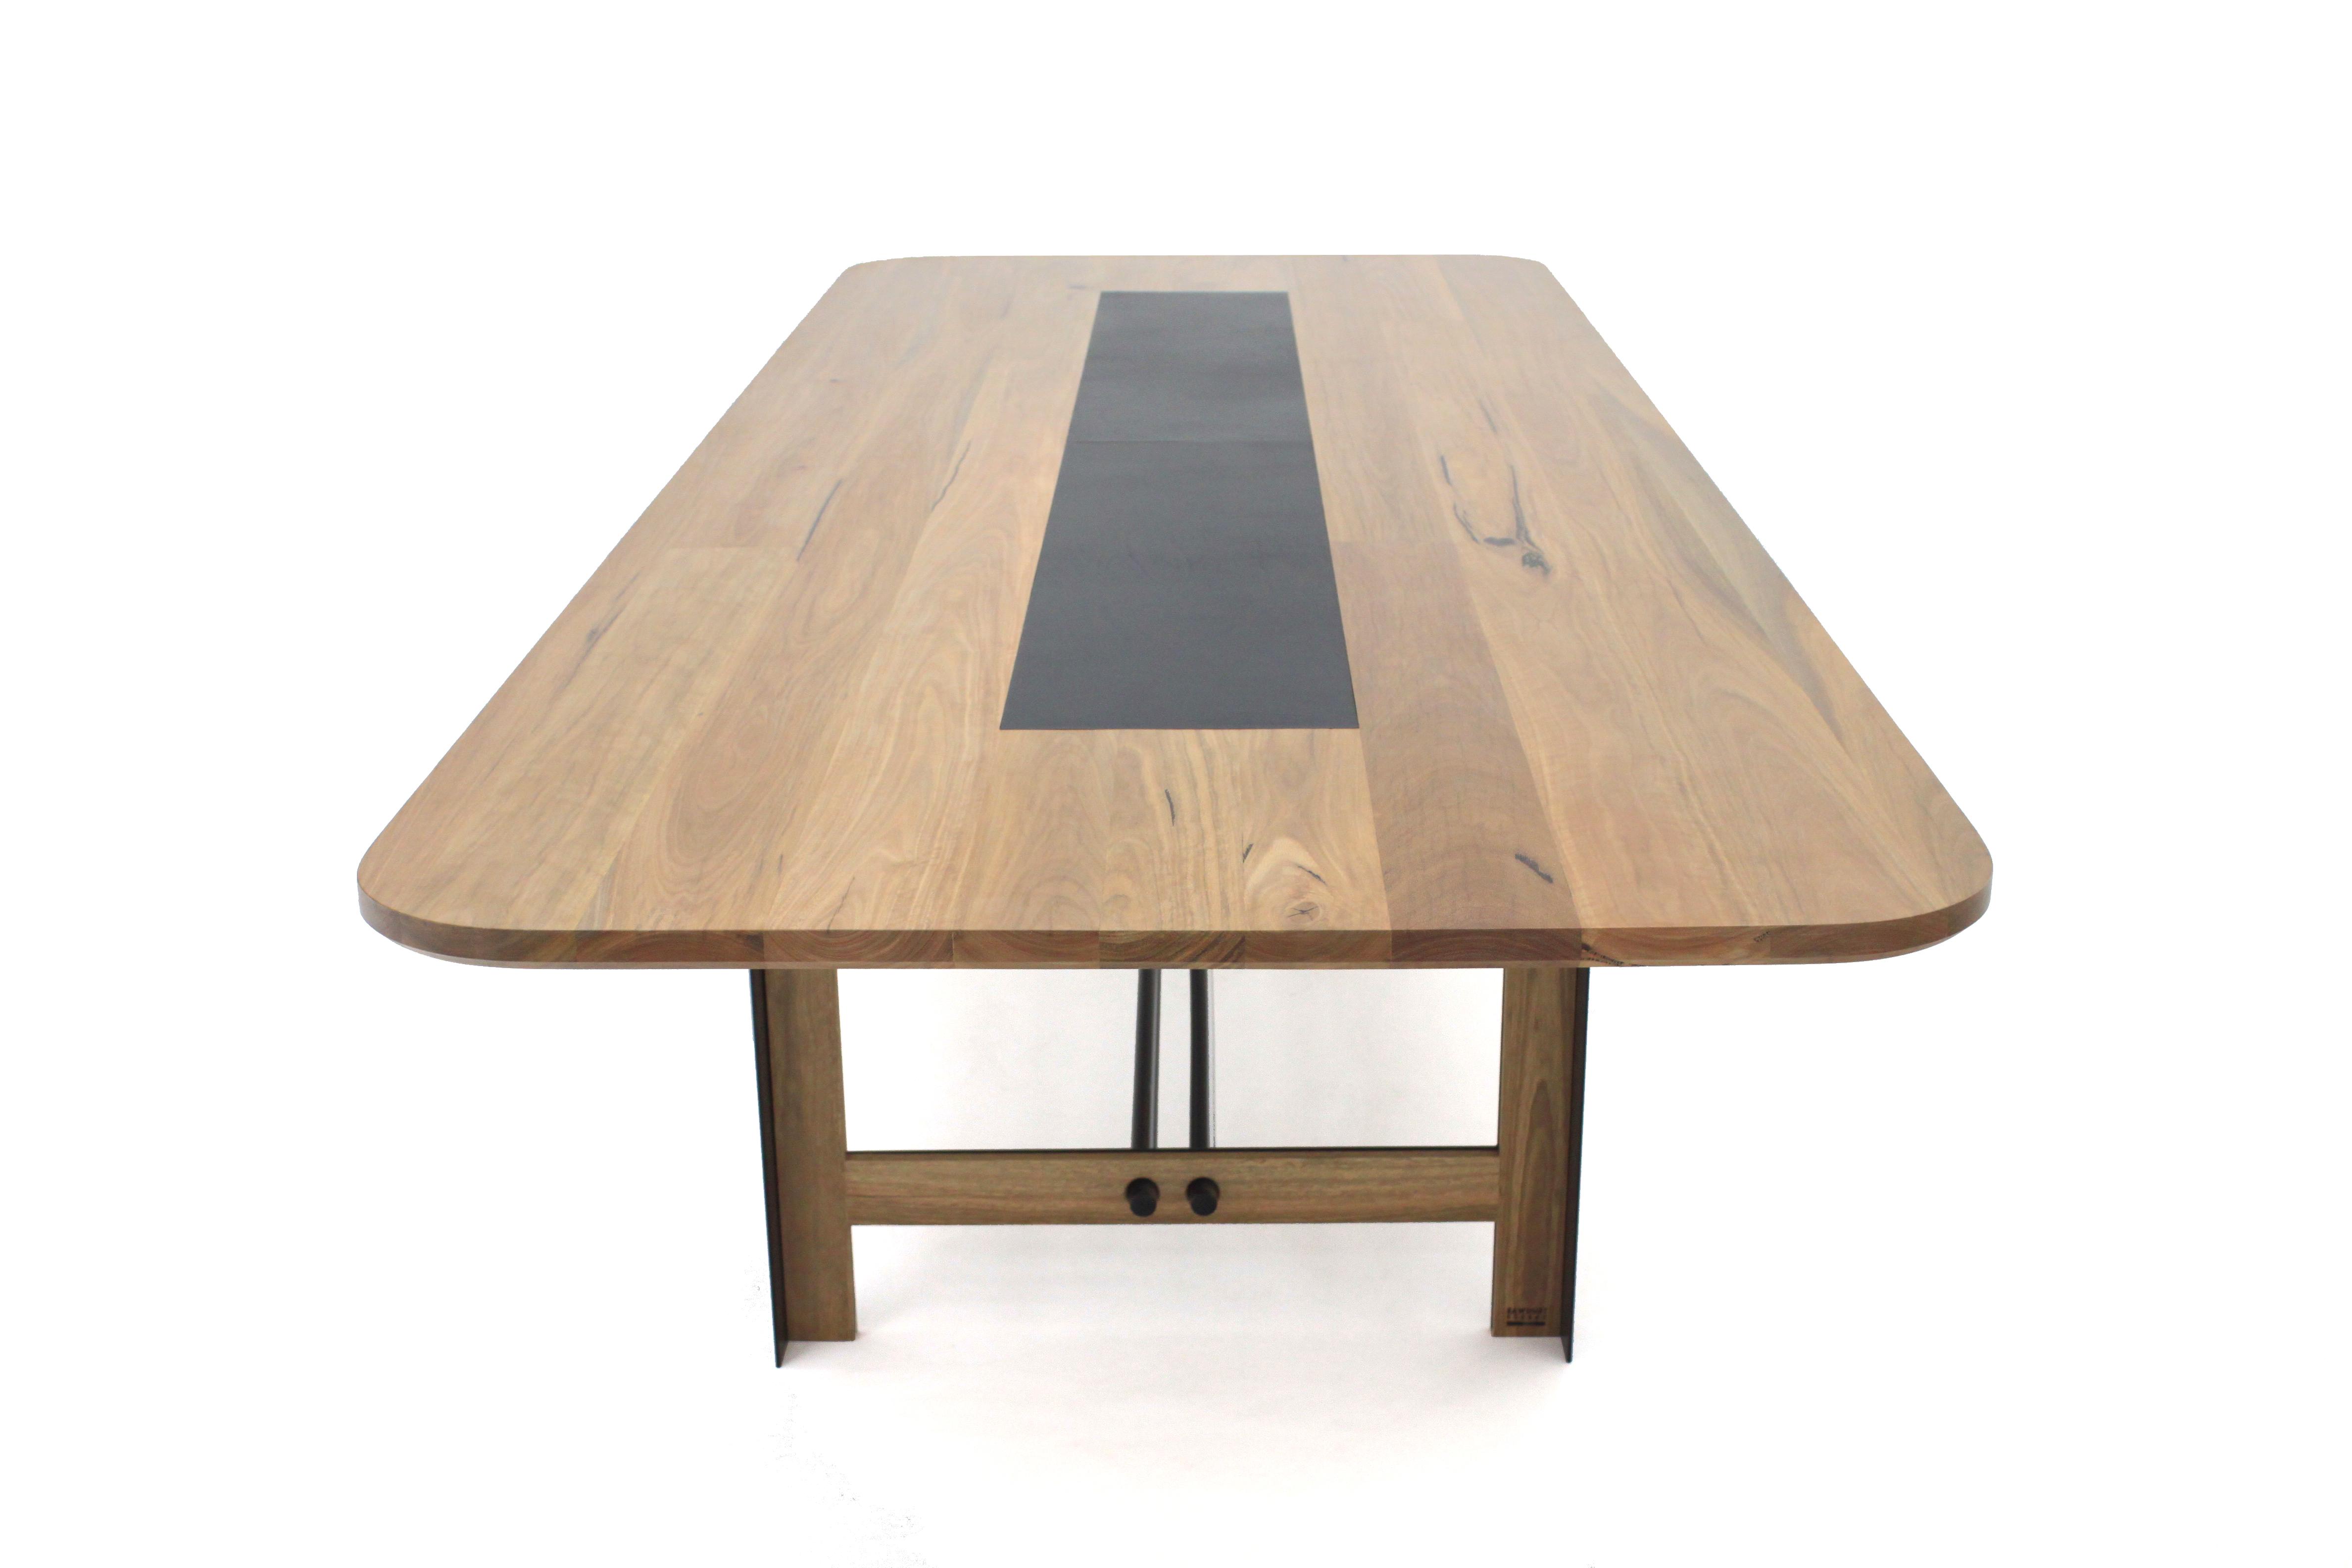 Toyo Table by Sawdust Bureau_02